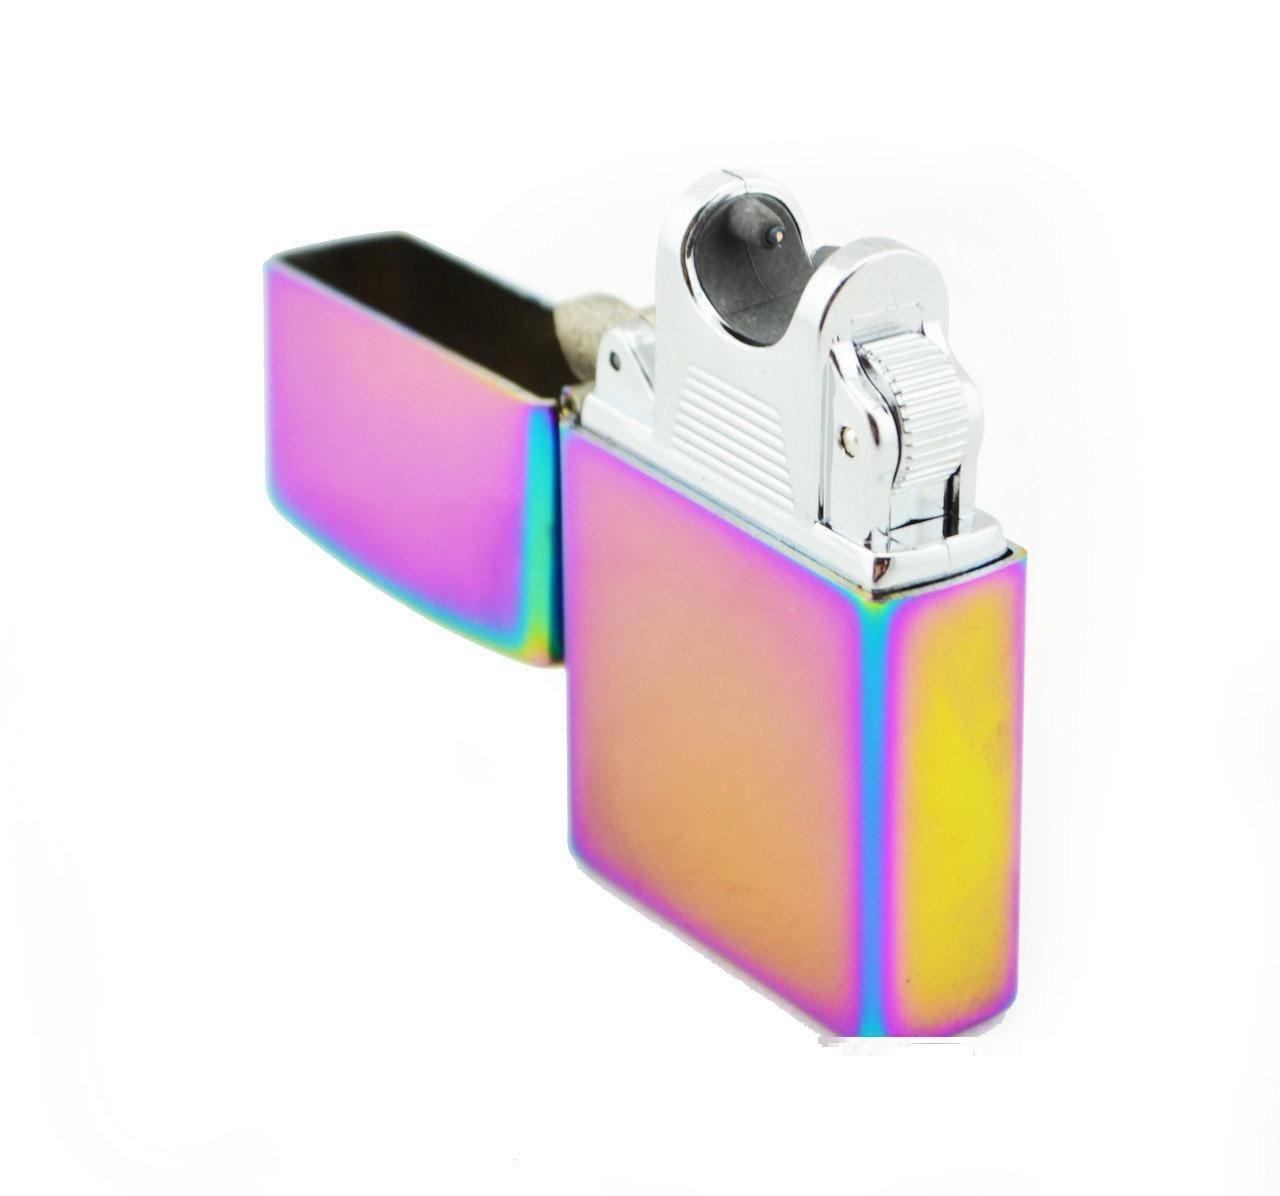 Імпульсна запальничка хамелеон USB 215 в комплекті шнур для зарядки ЮСБ запальничка електронна,